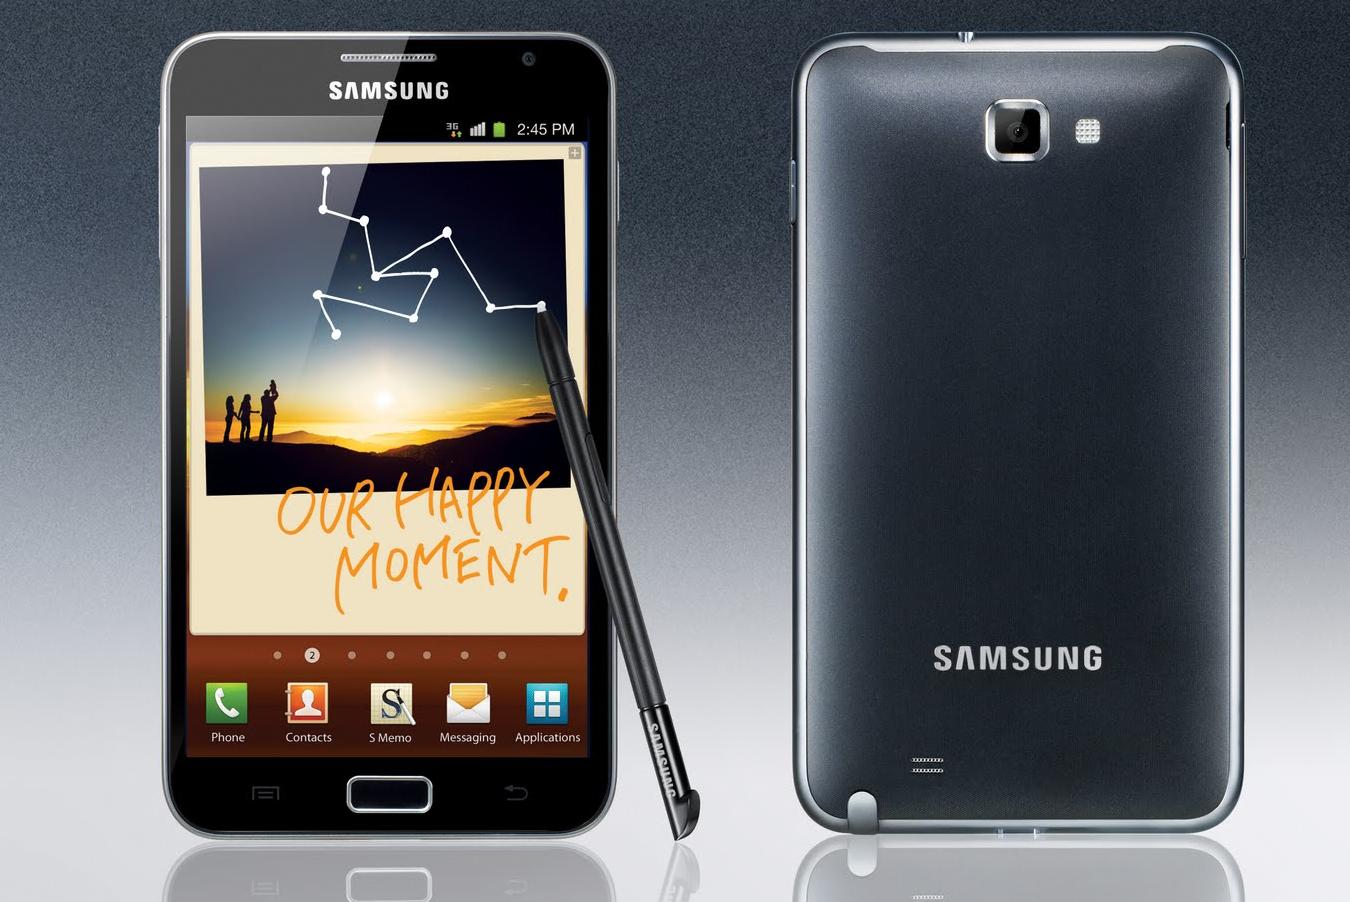 طرح اصلی Samsung Galaxy Note با اندروید 4